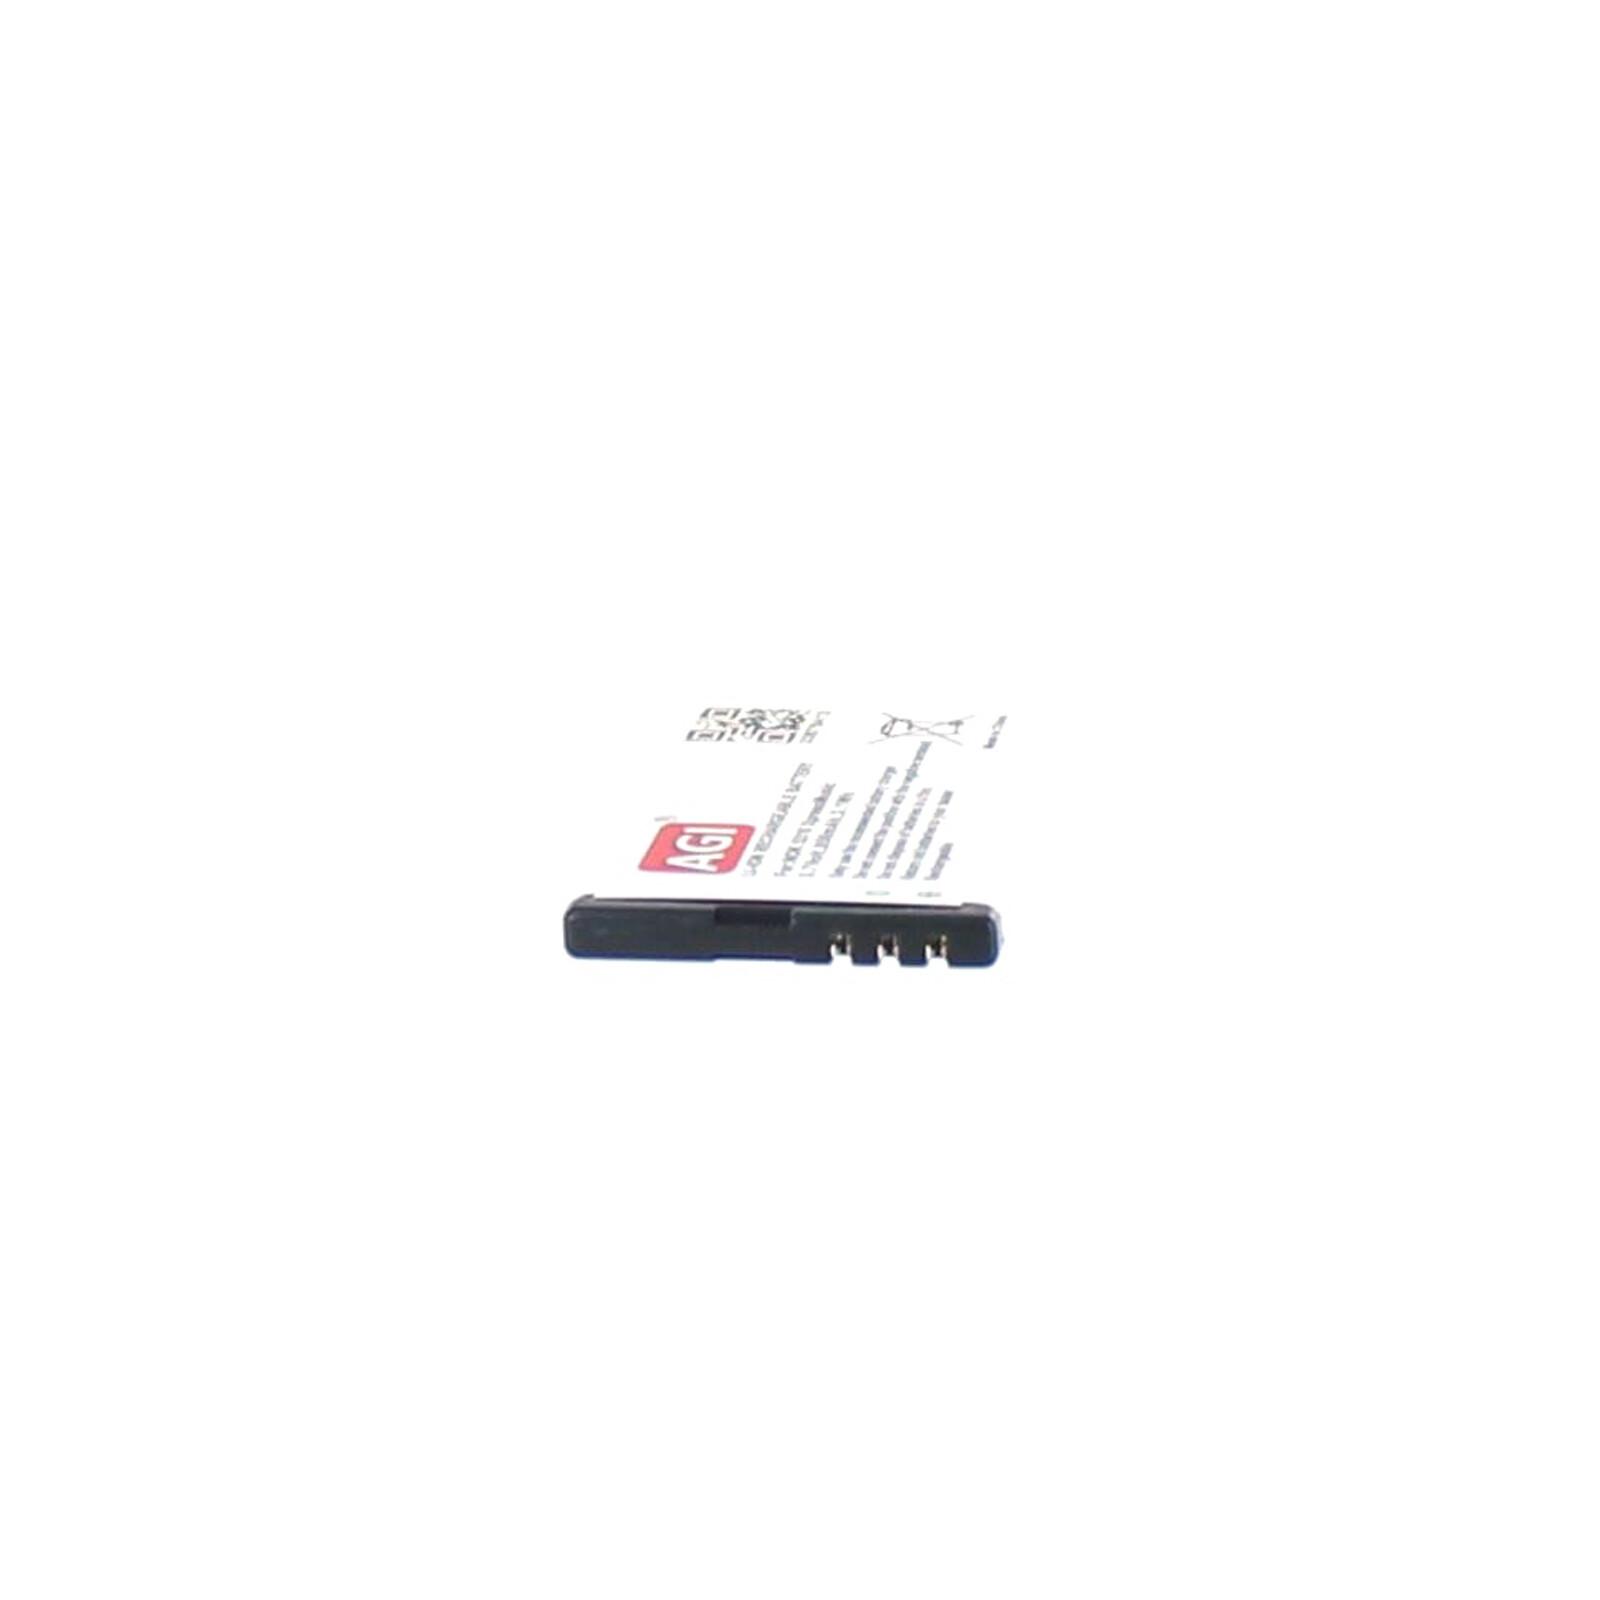 AGI Akku Nokia 2720A-2 600mAh